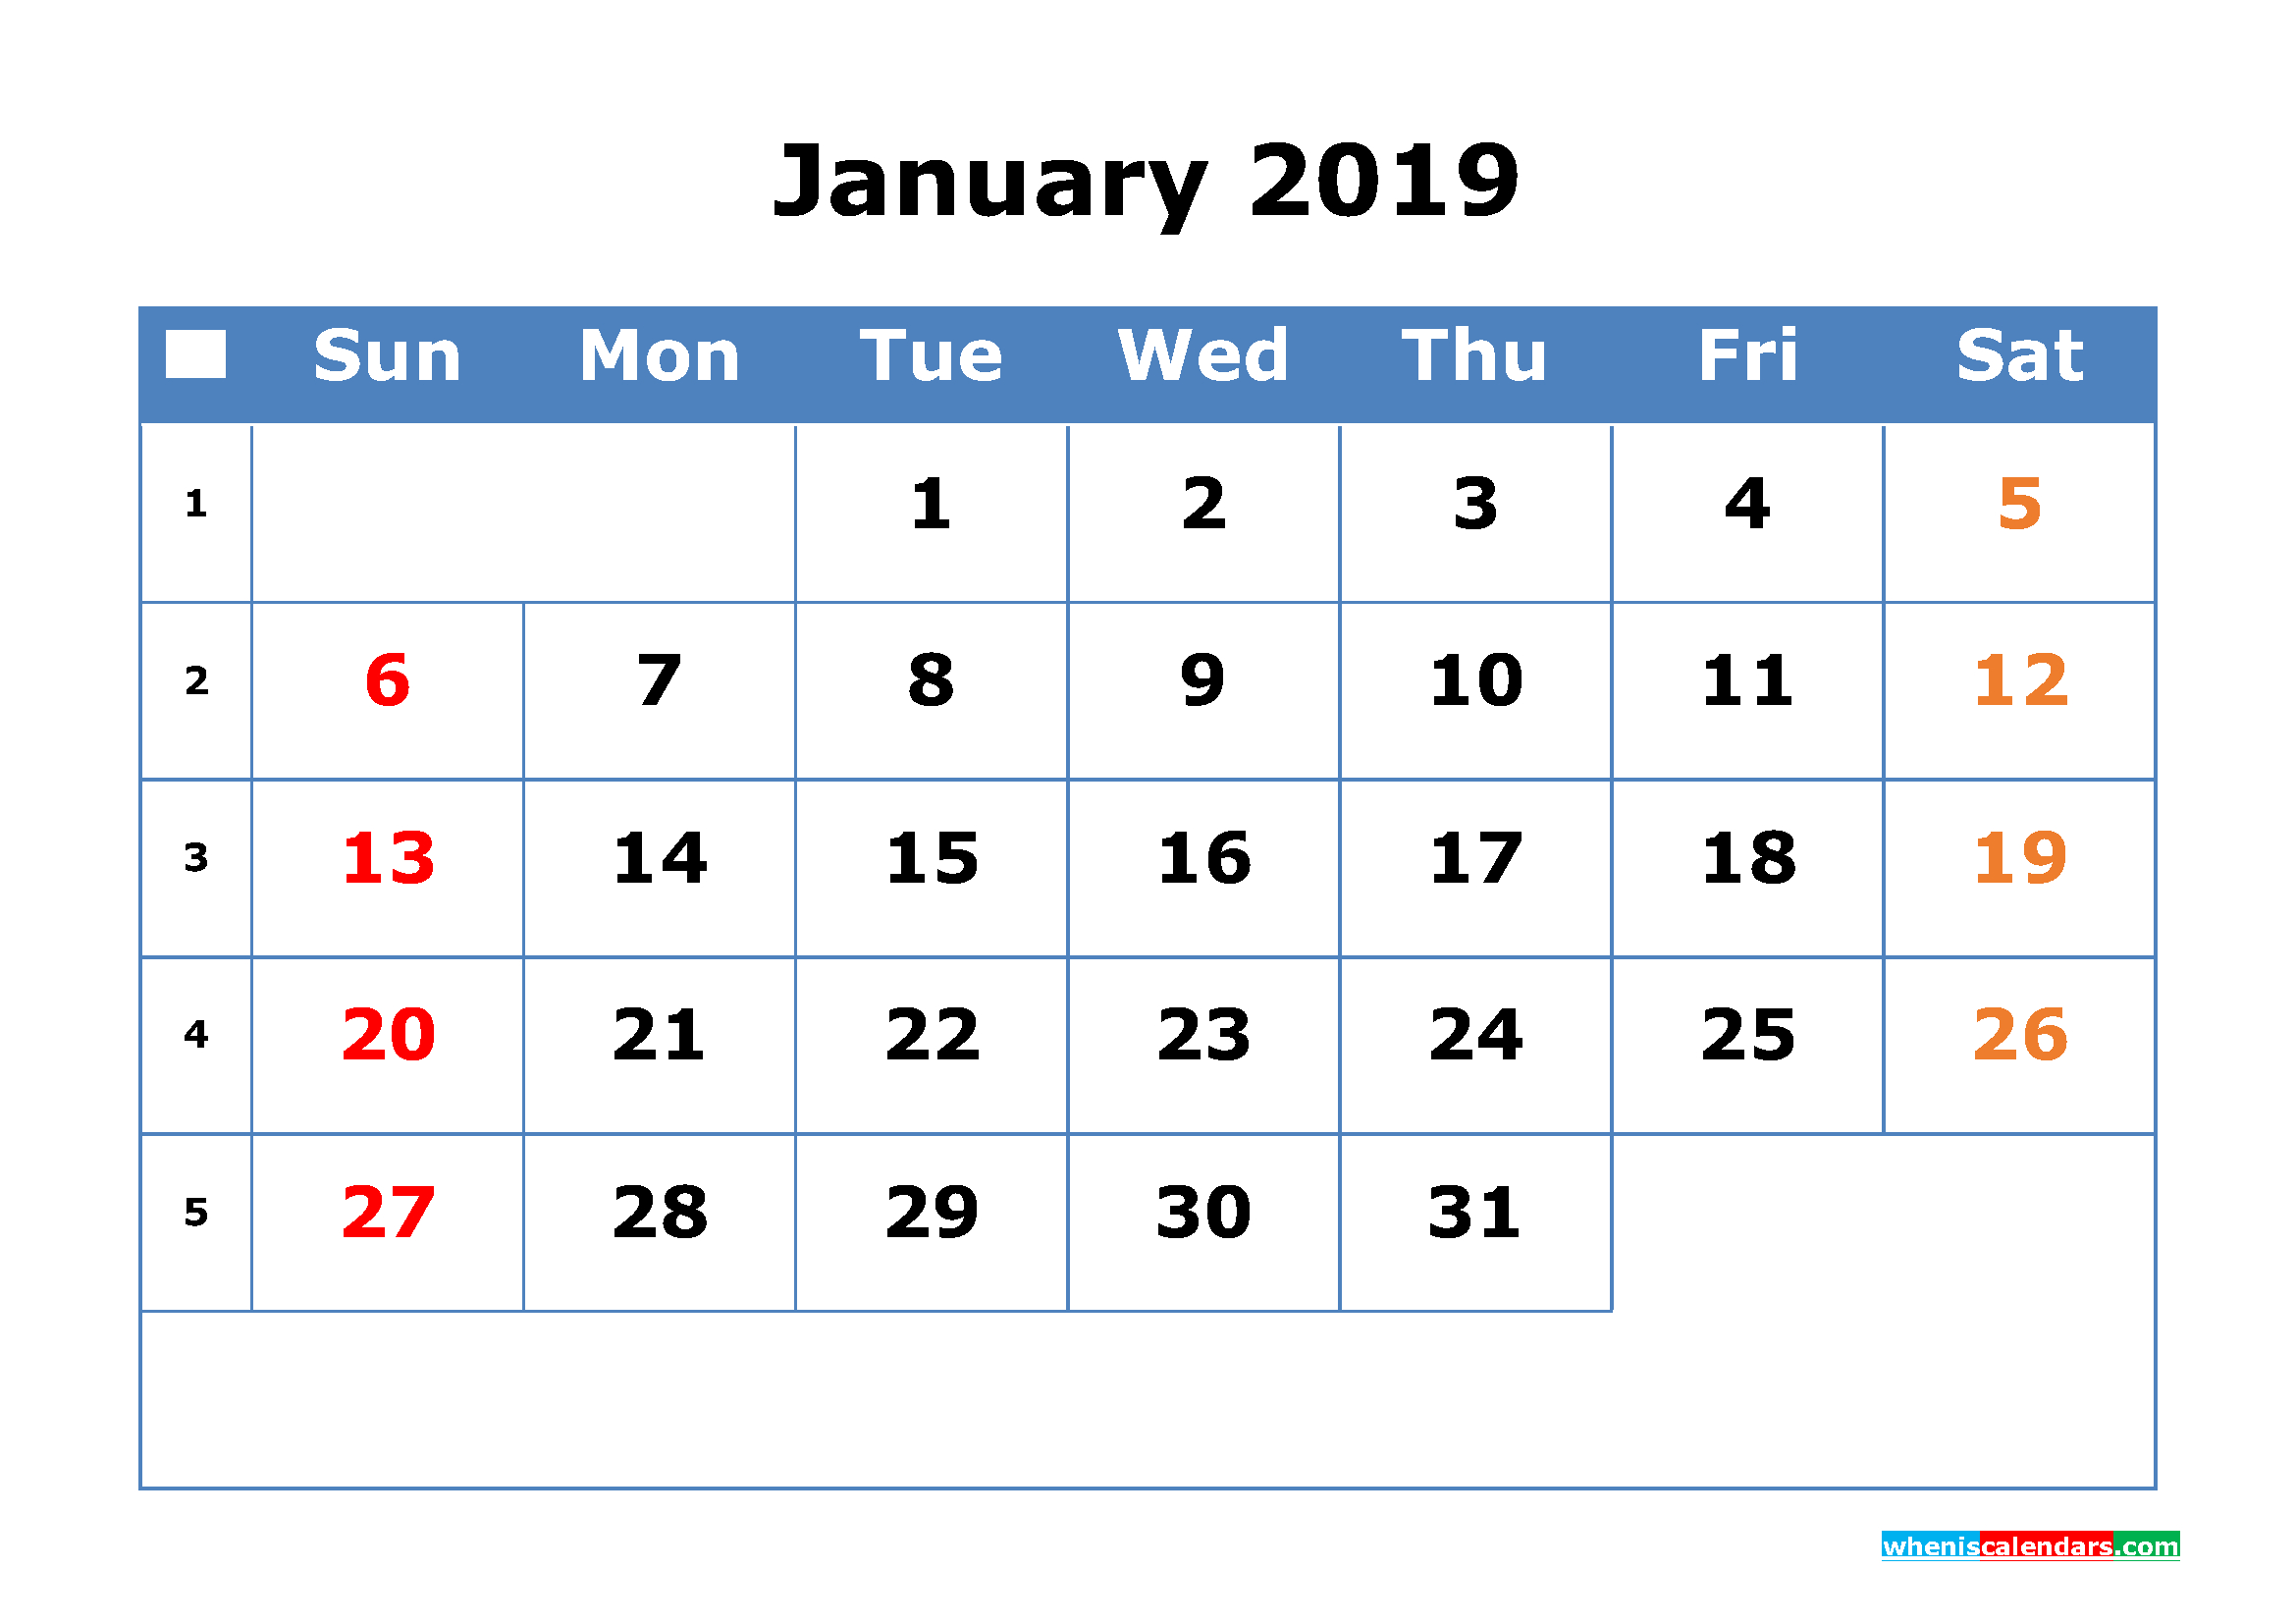 2019 Calendar With Week Numbers Printable As Pdf Image